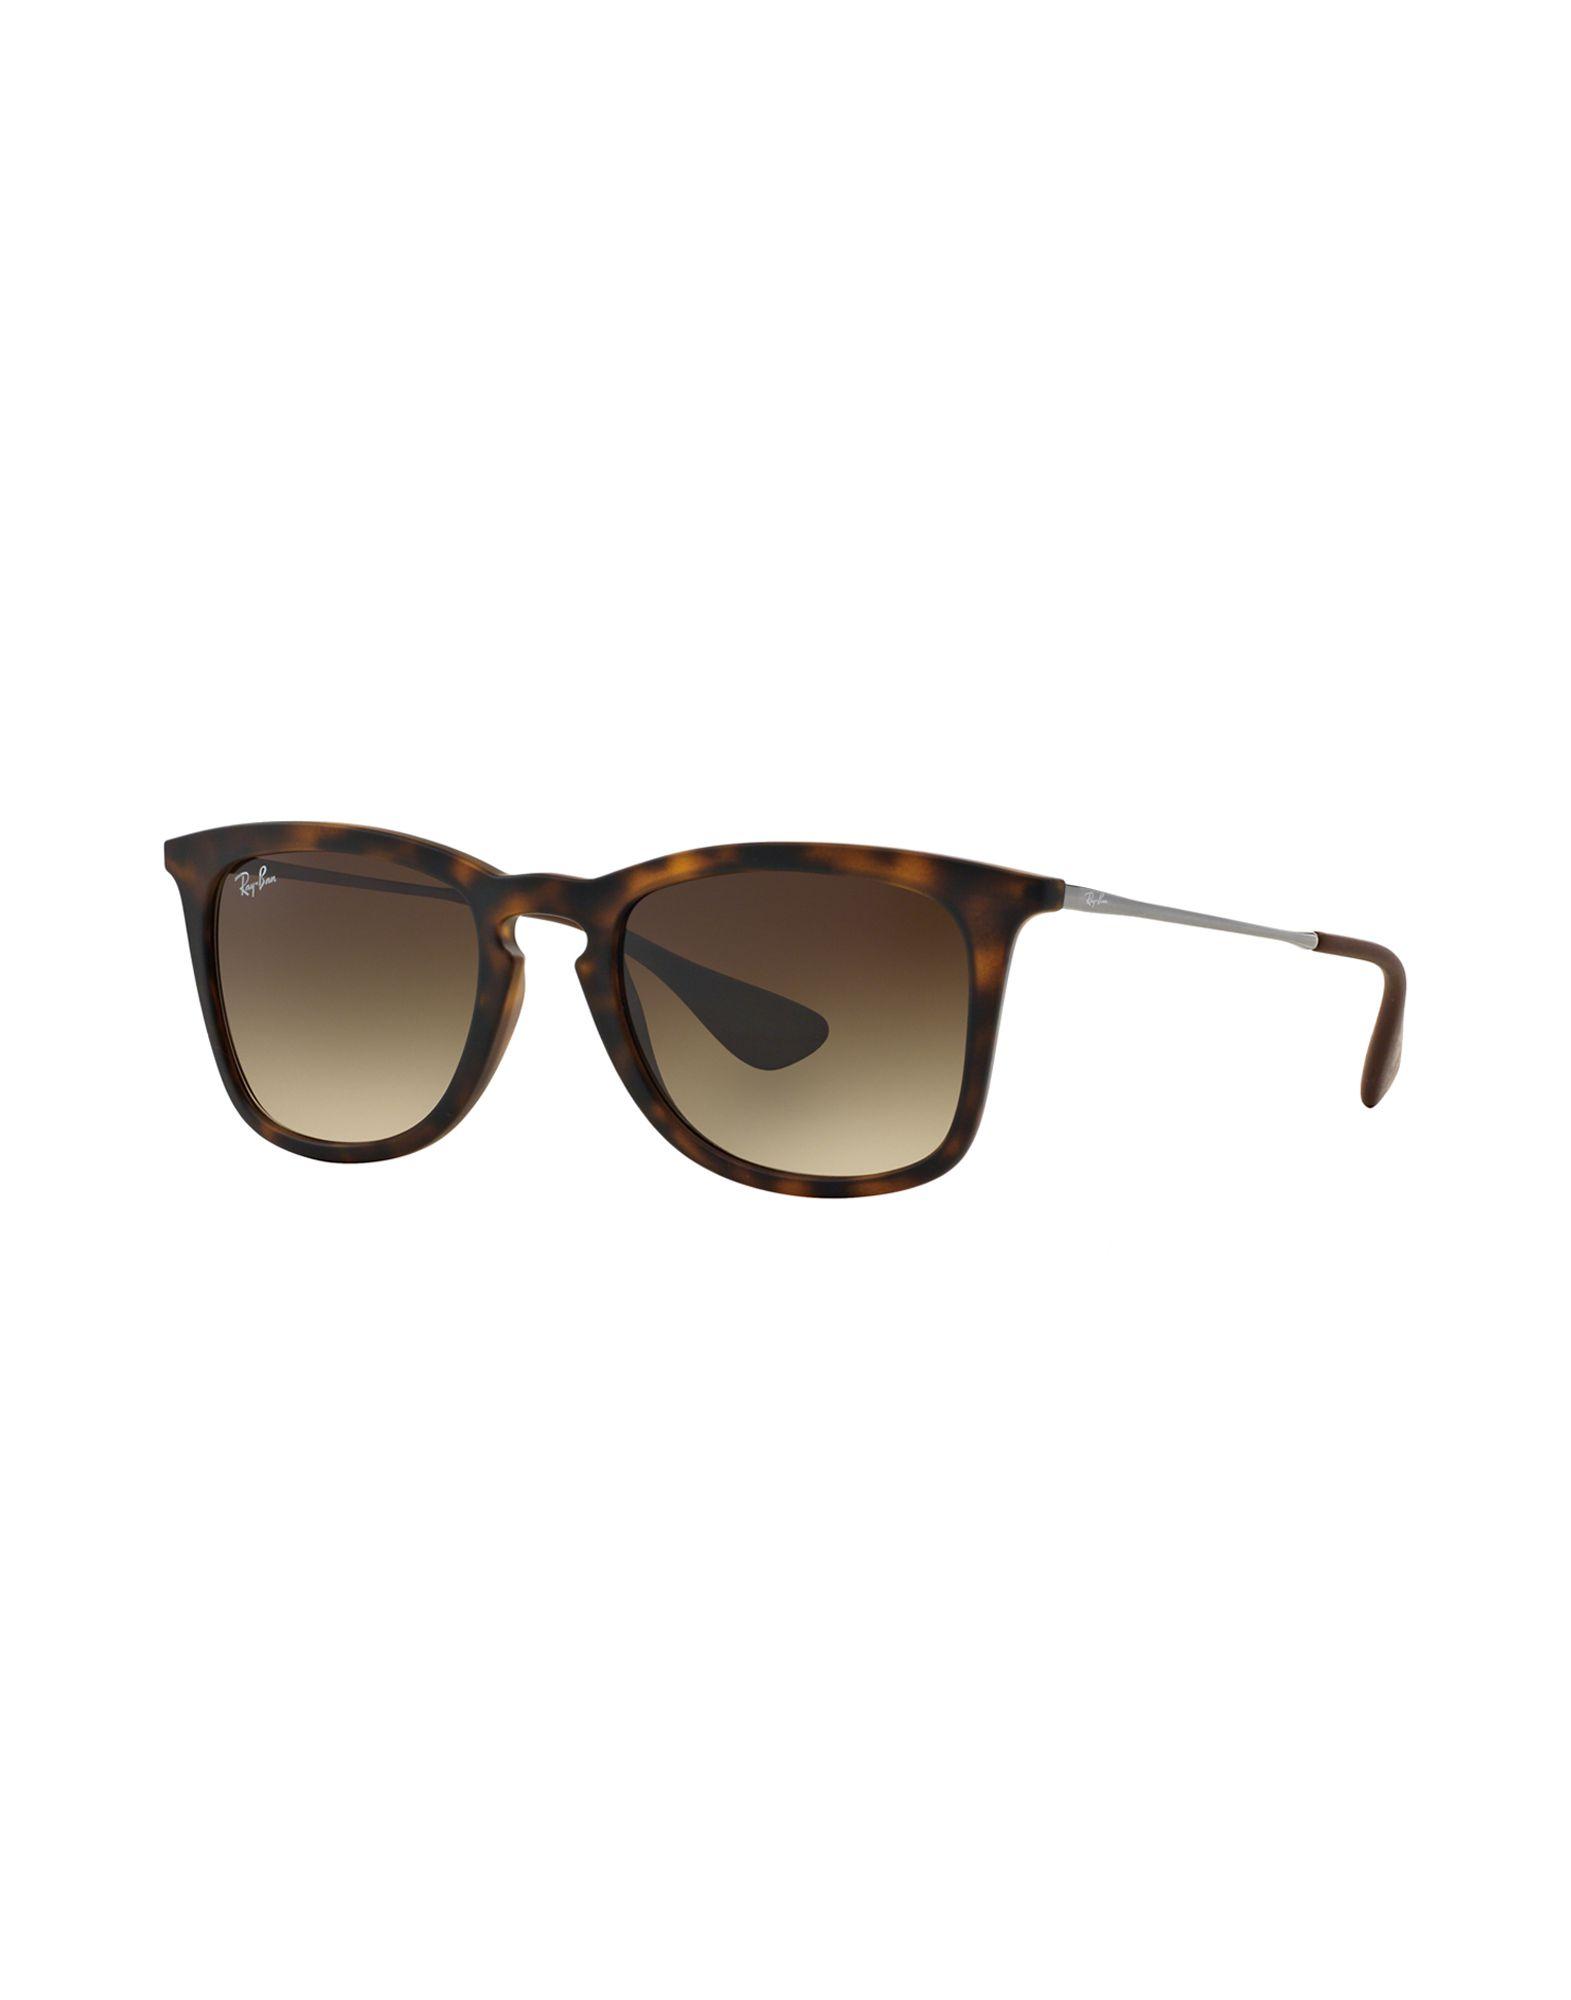 Occhiali Da Sole Ray-Ban Rb4221 - Uomo - Acquista online su